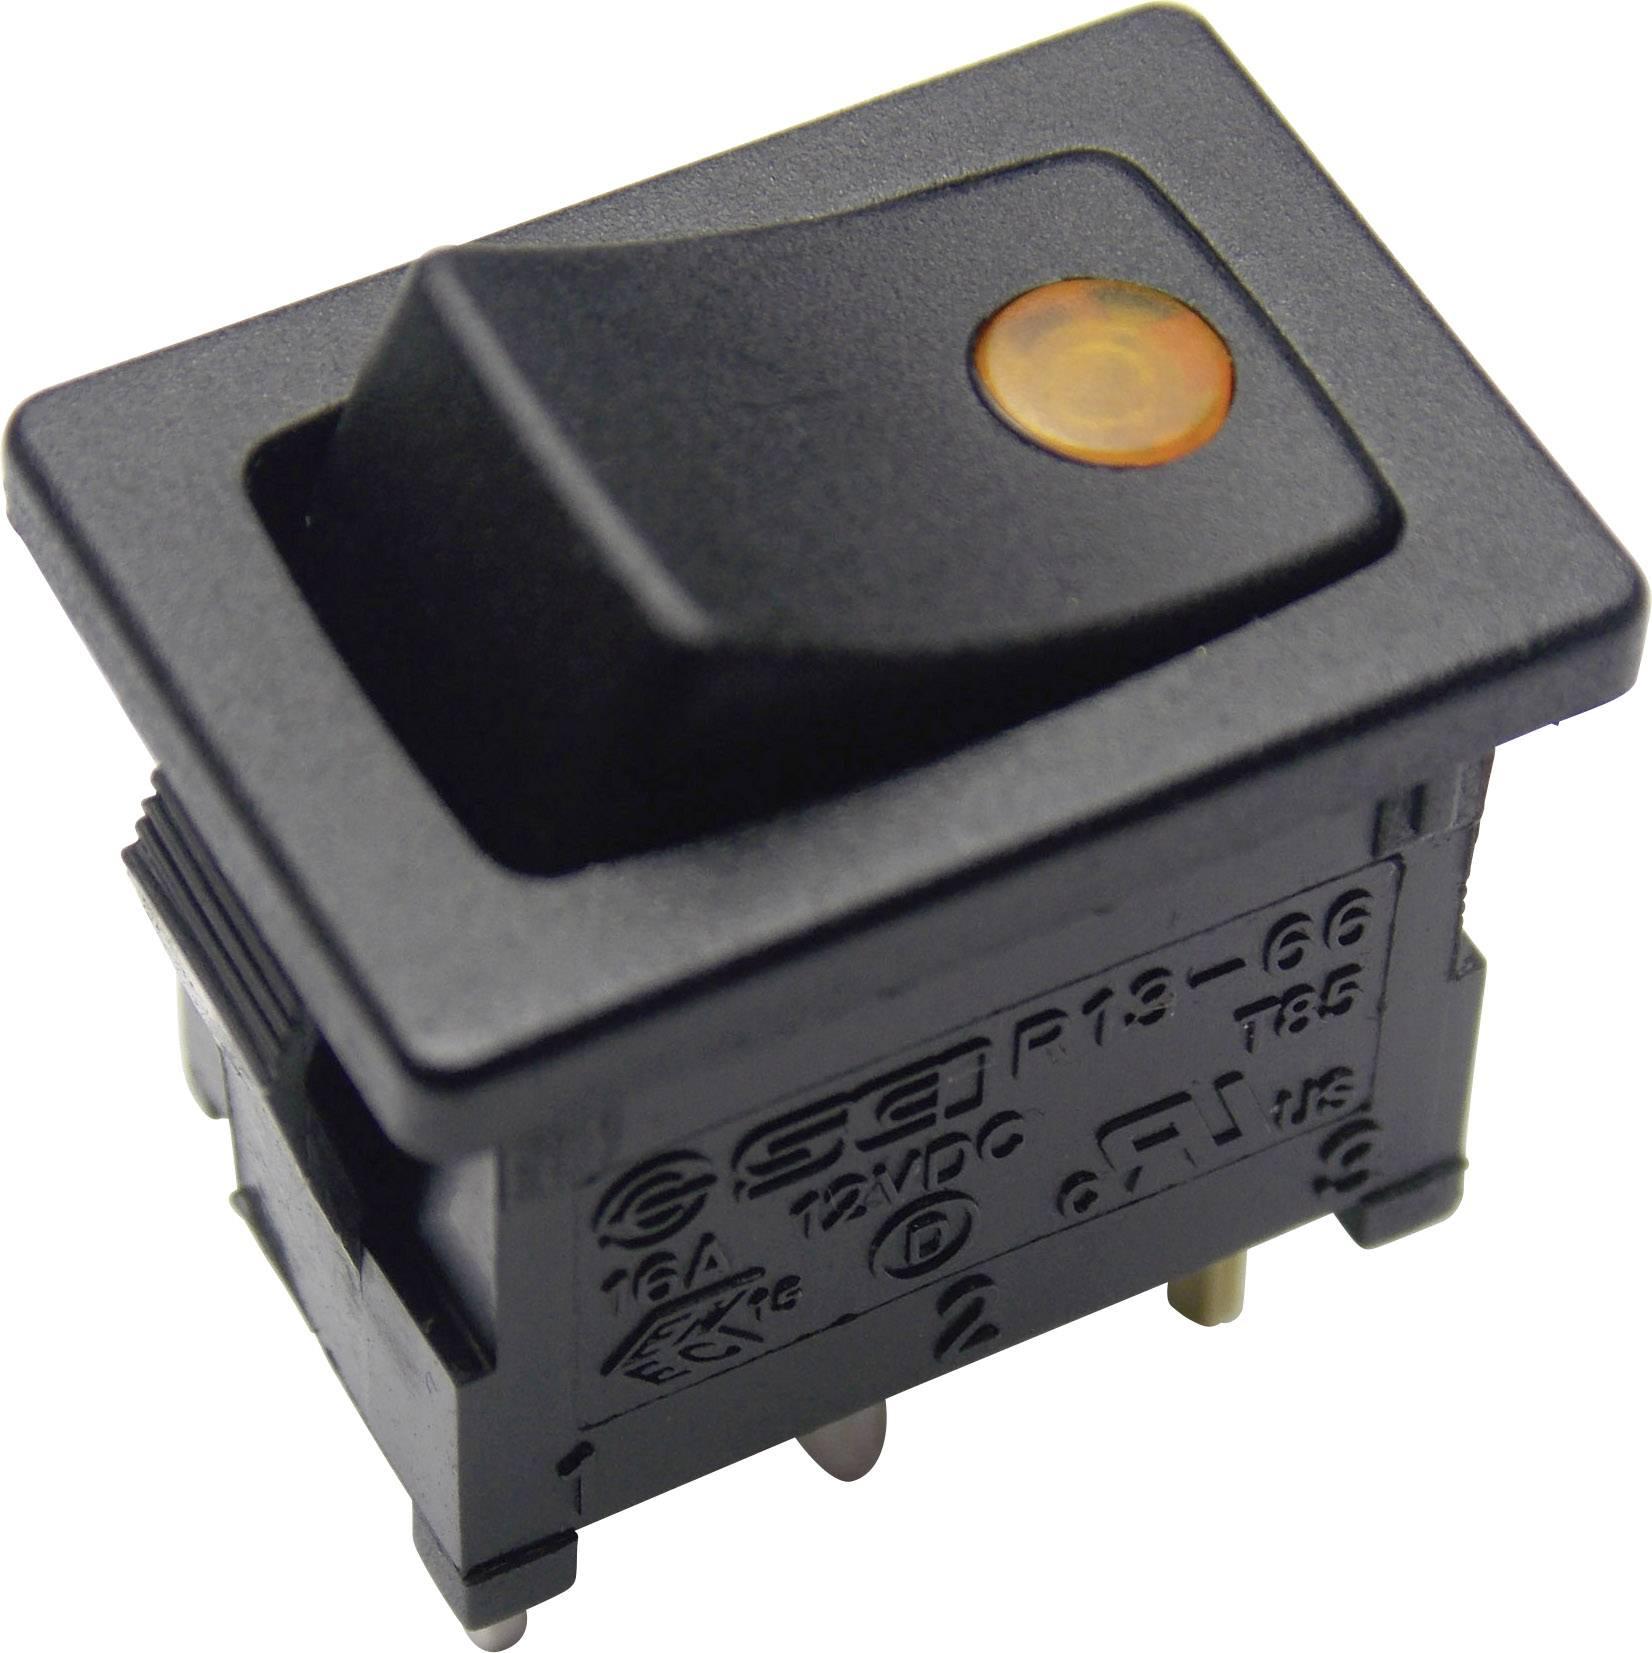 Kolískový spínač SCI R13-66B2-02 B/B s aretáciou 12 V/DC, 16 A, 1x vyp/zap, čierna, žltá, 1 ks